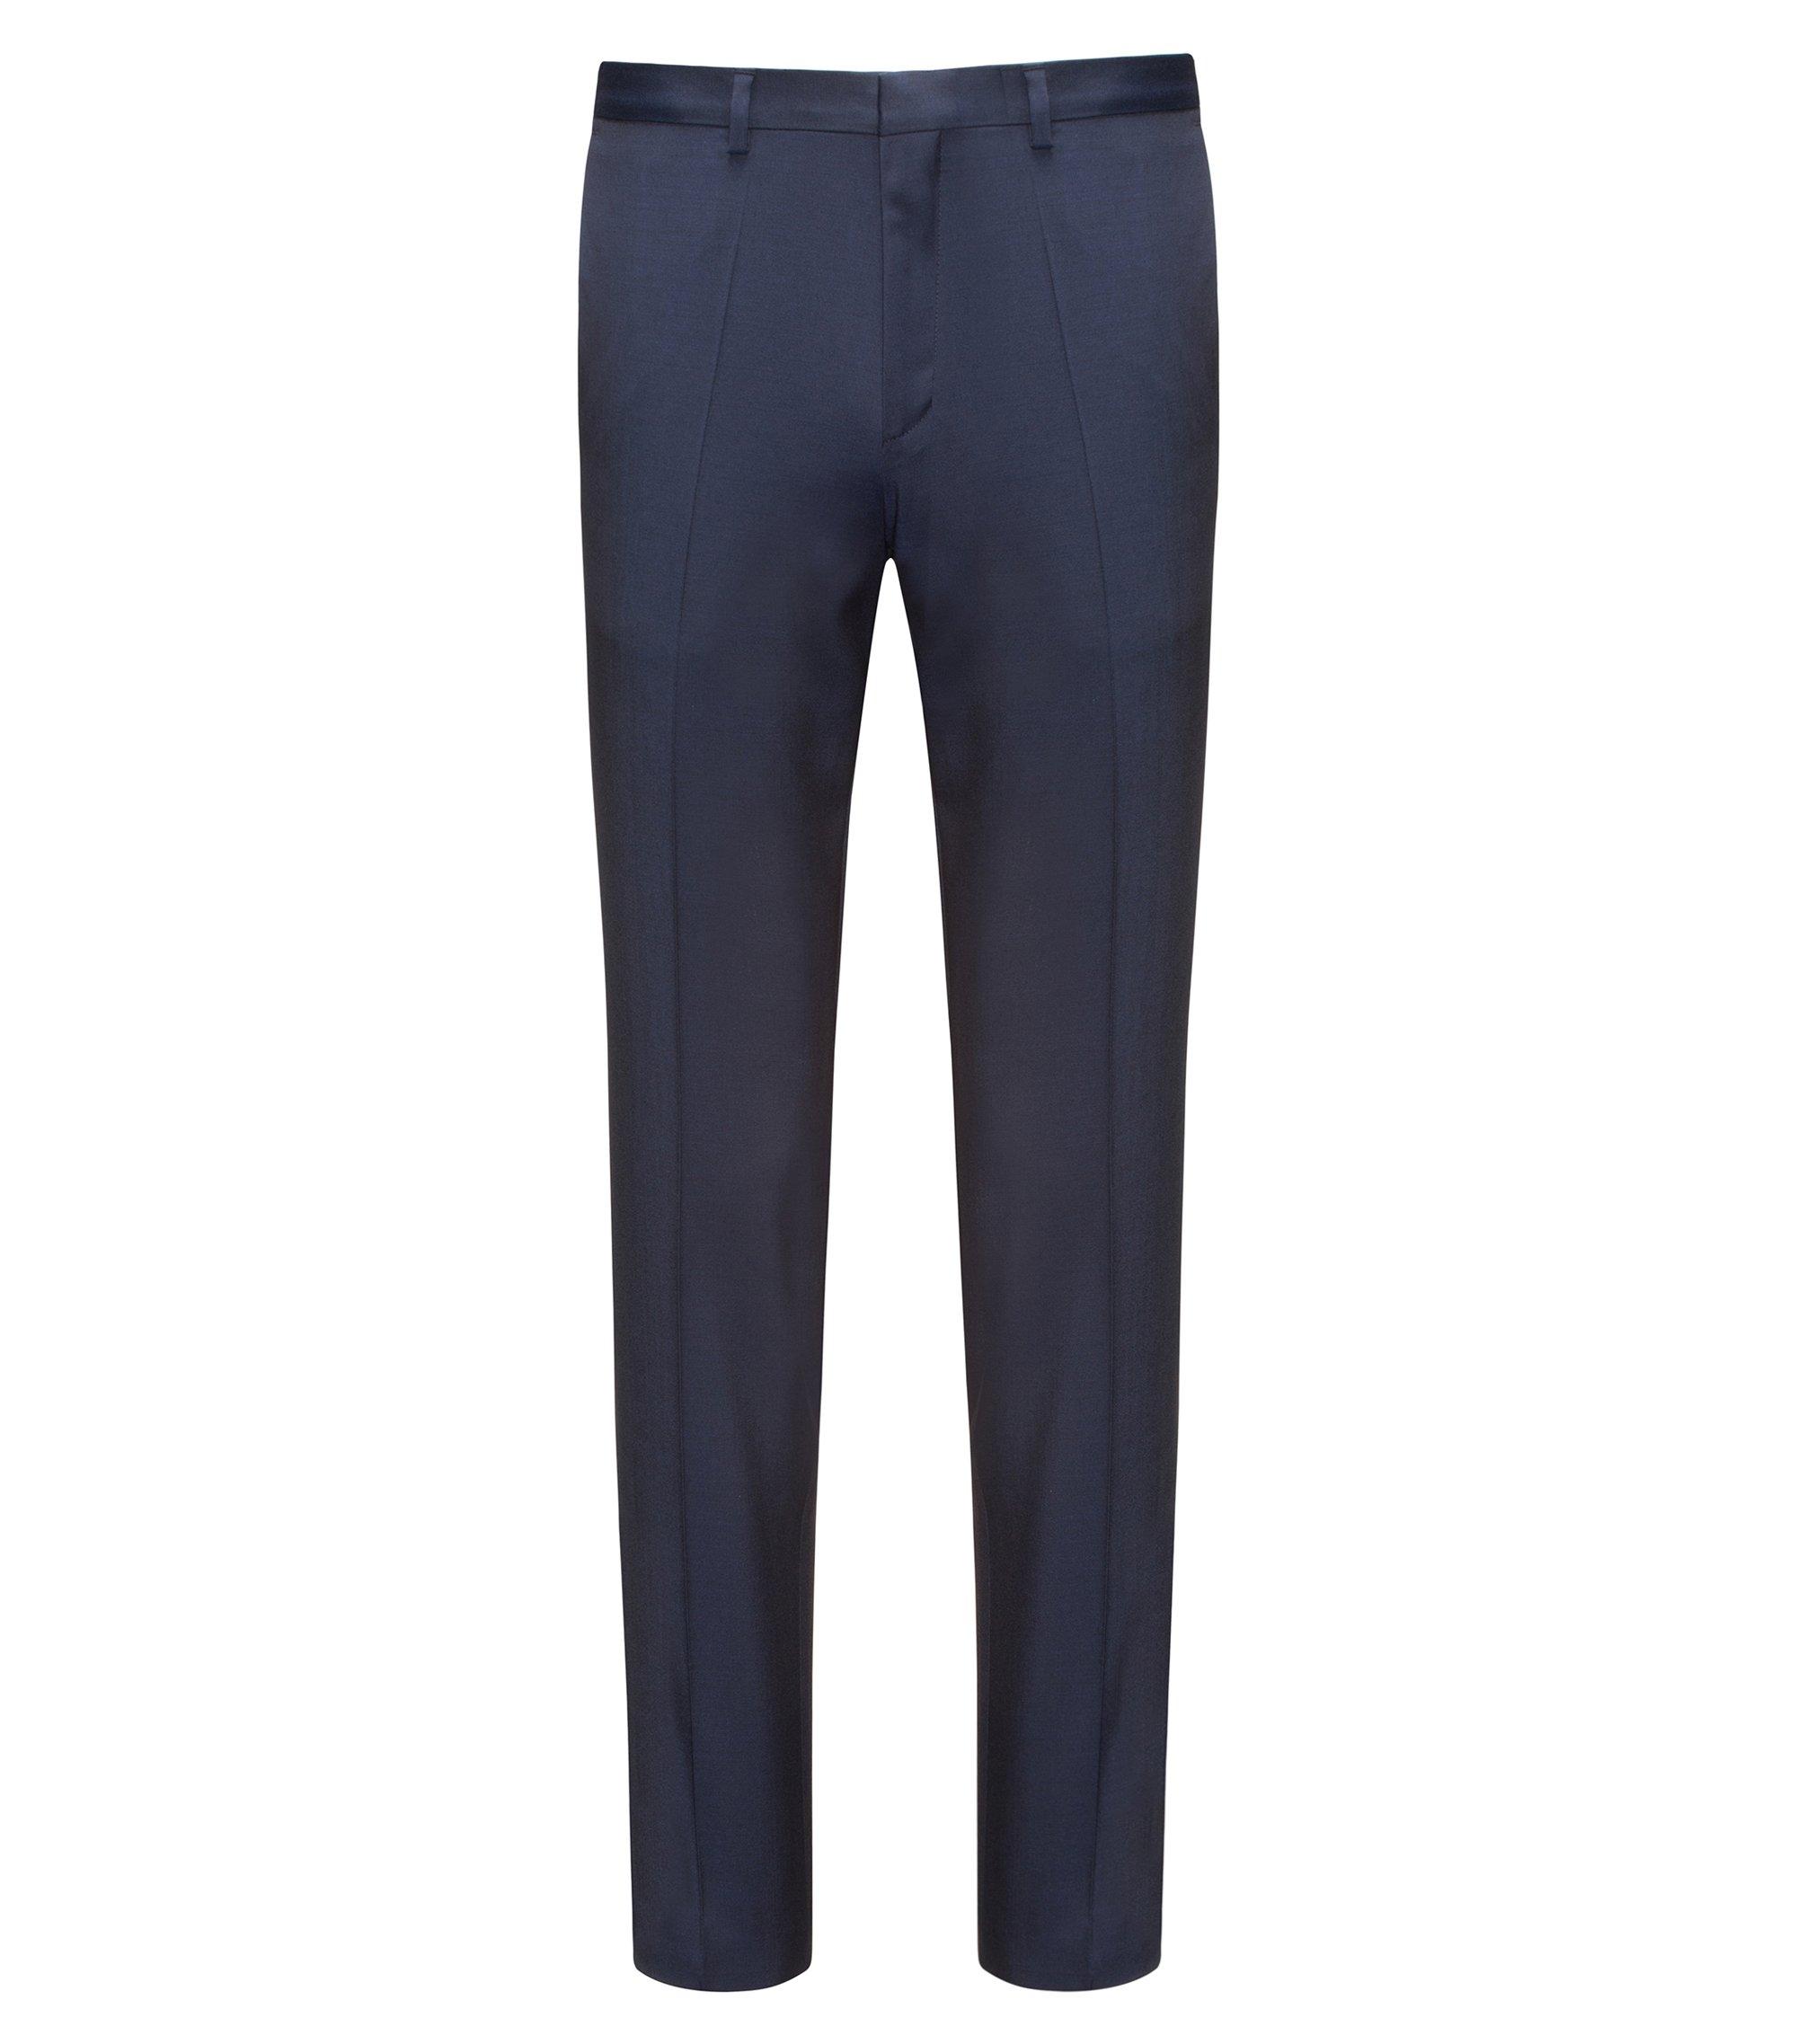 Extra Slim-Fit Hose aus natürlich elastischem Schurwoll-Twill, Dunkelblau